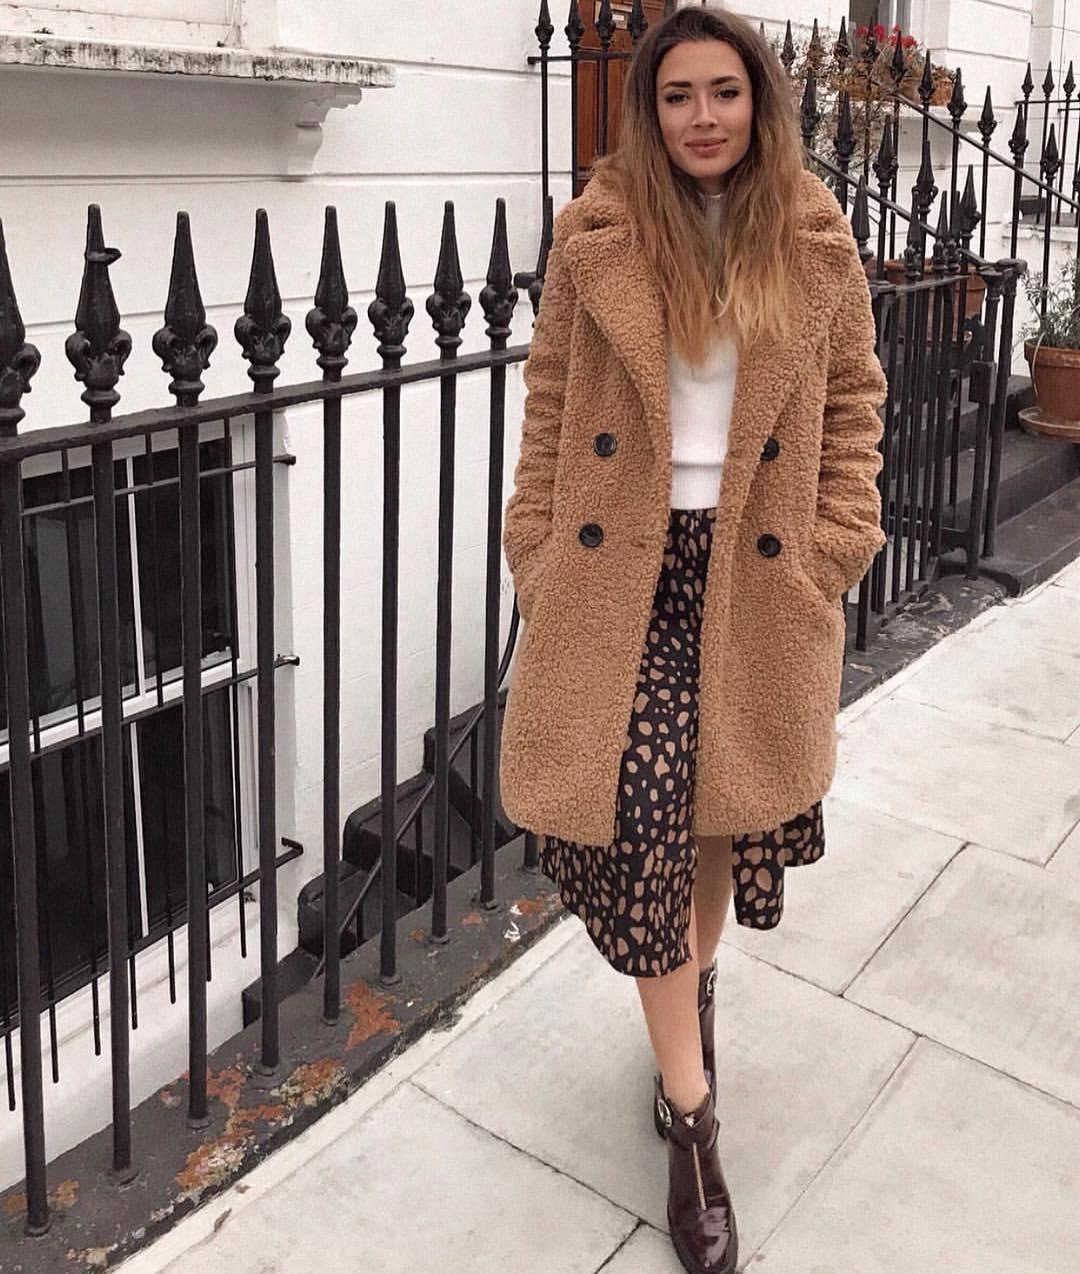 sheep-effect coat de Zara sur zaraaddiction